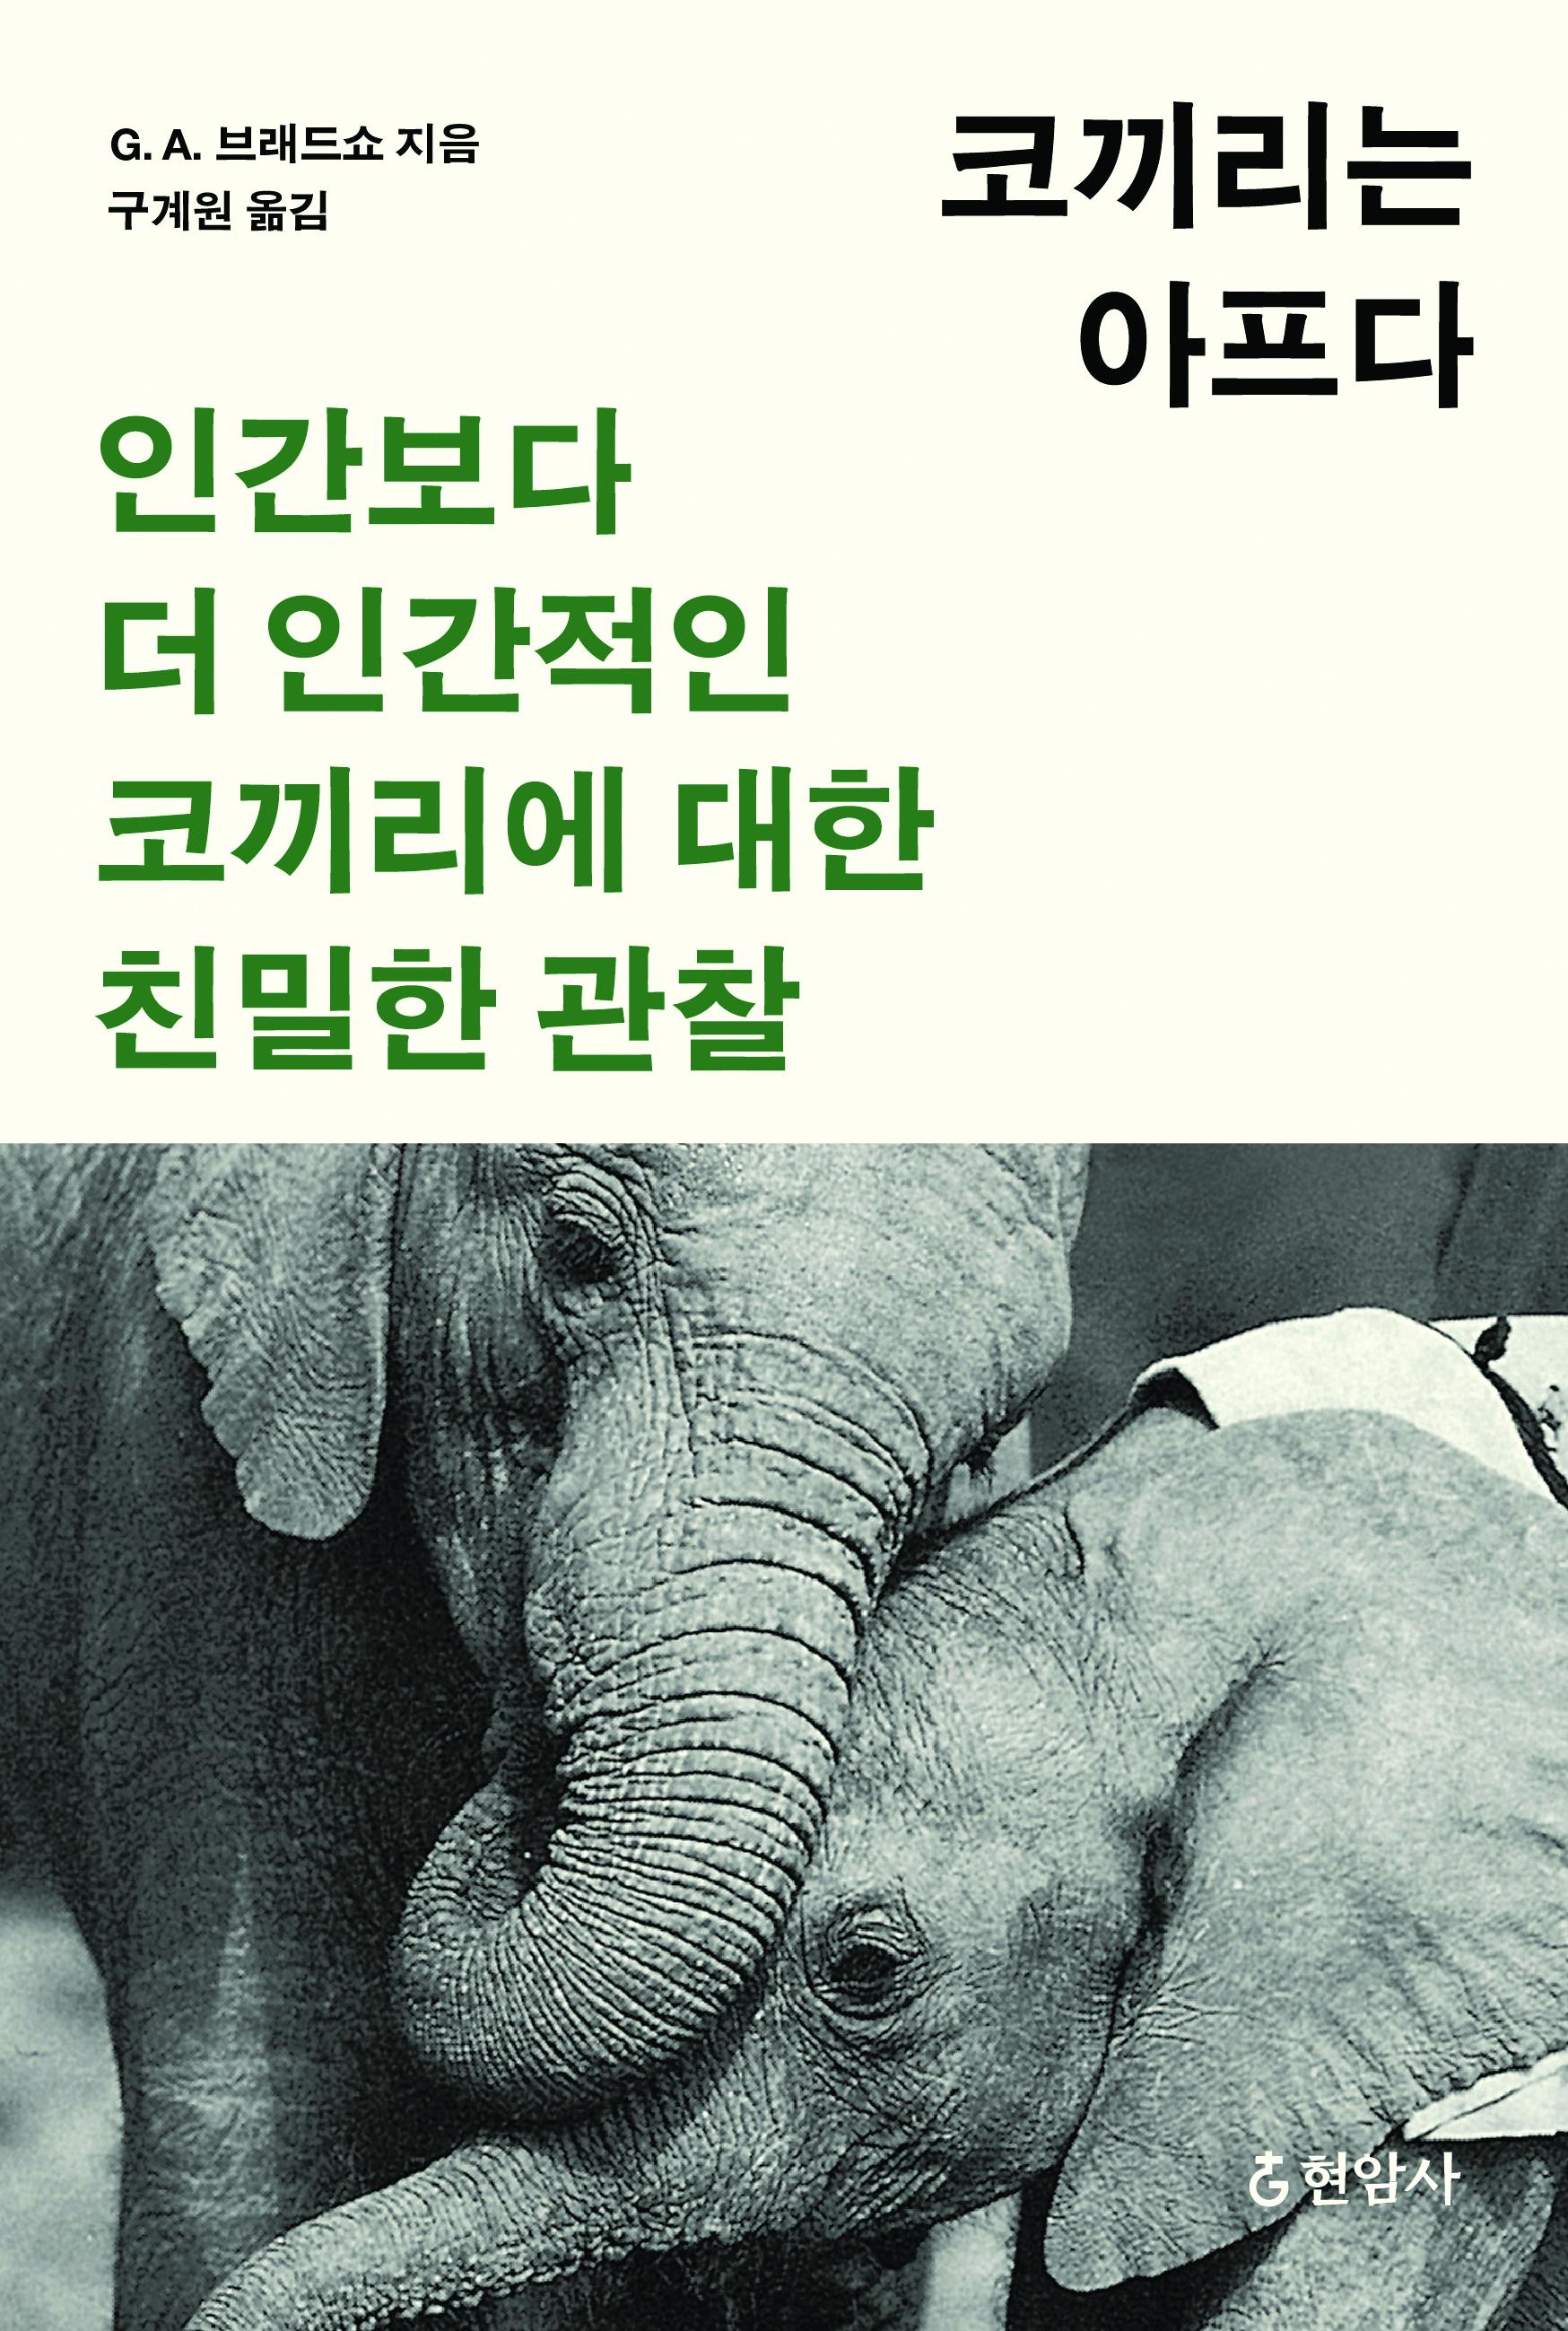 코끼리는아프다 표지 (정재완)